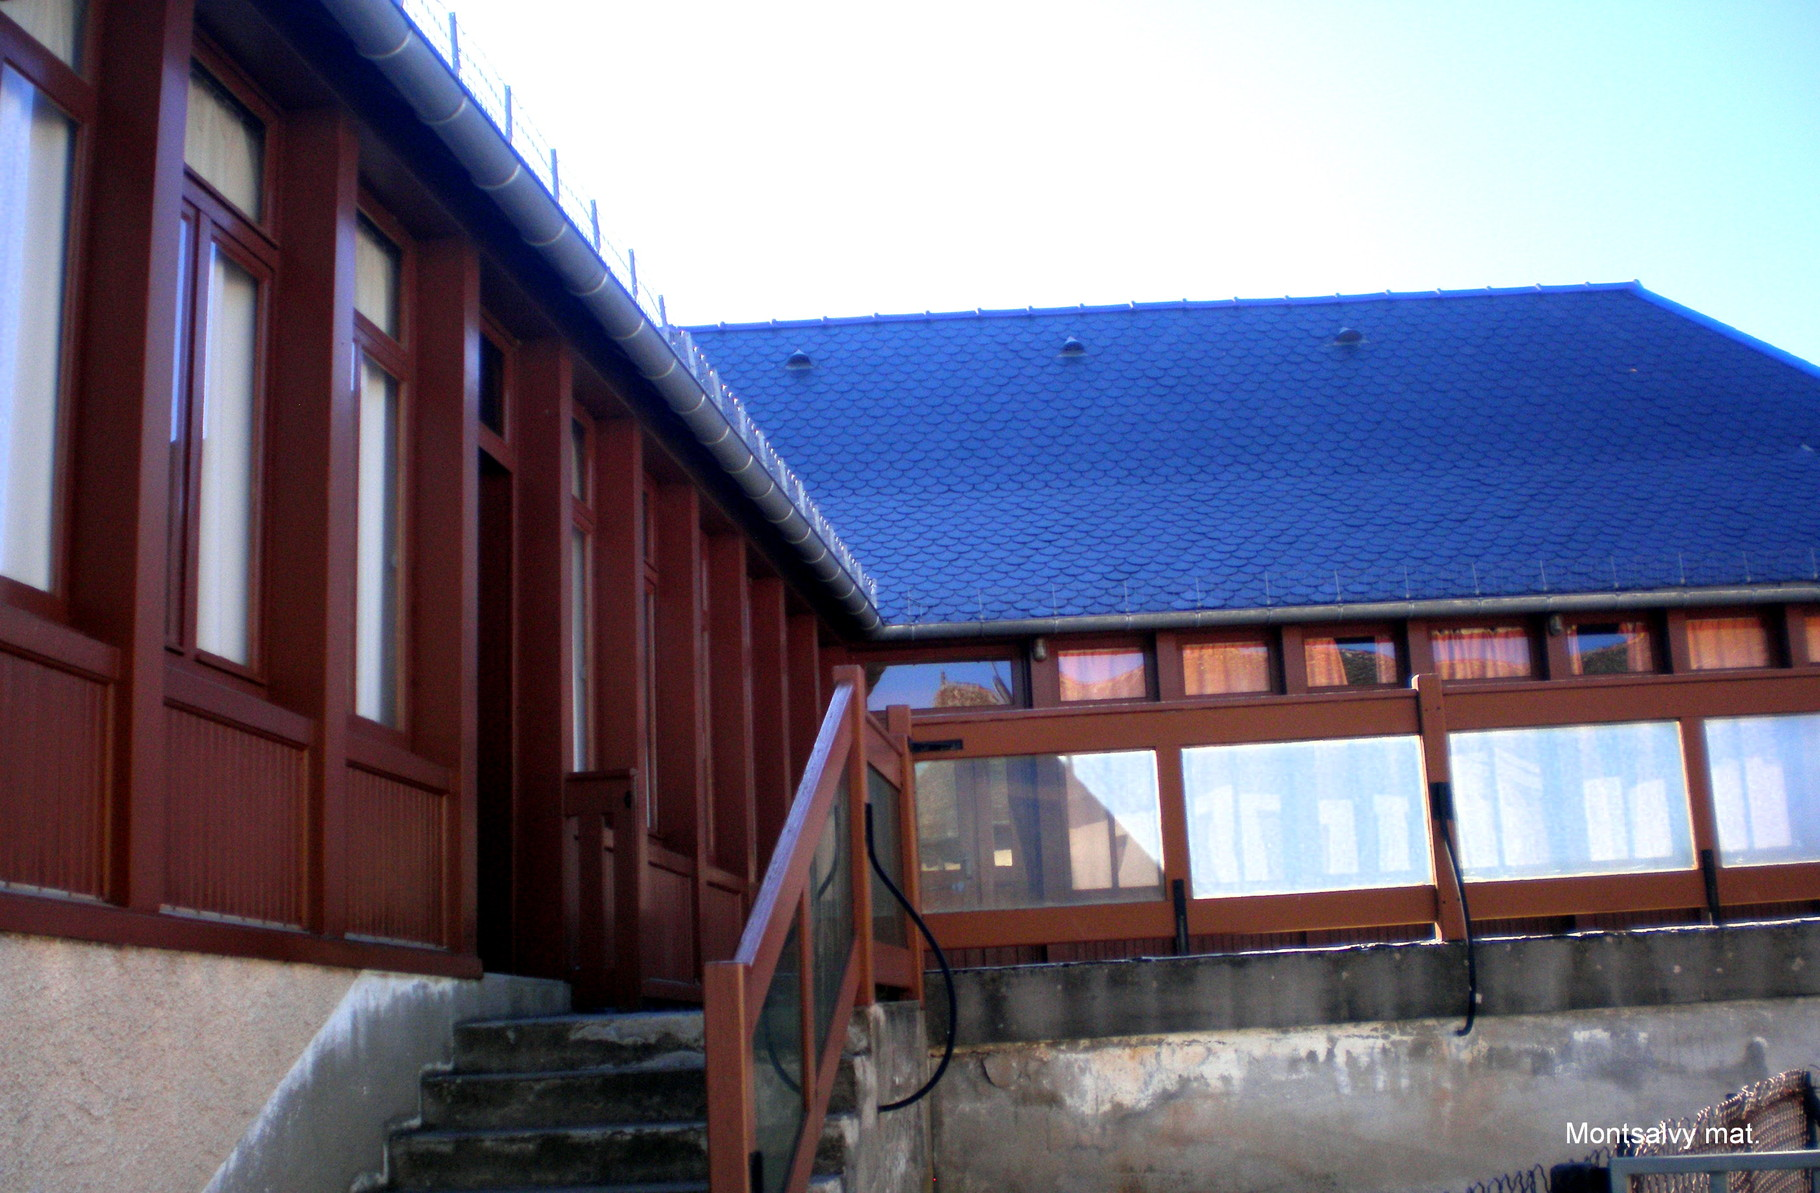 Ecole maternelle de Montsalvy